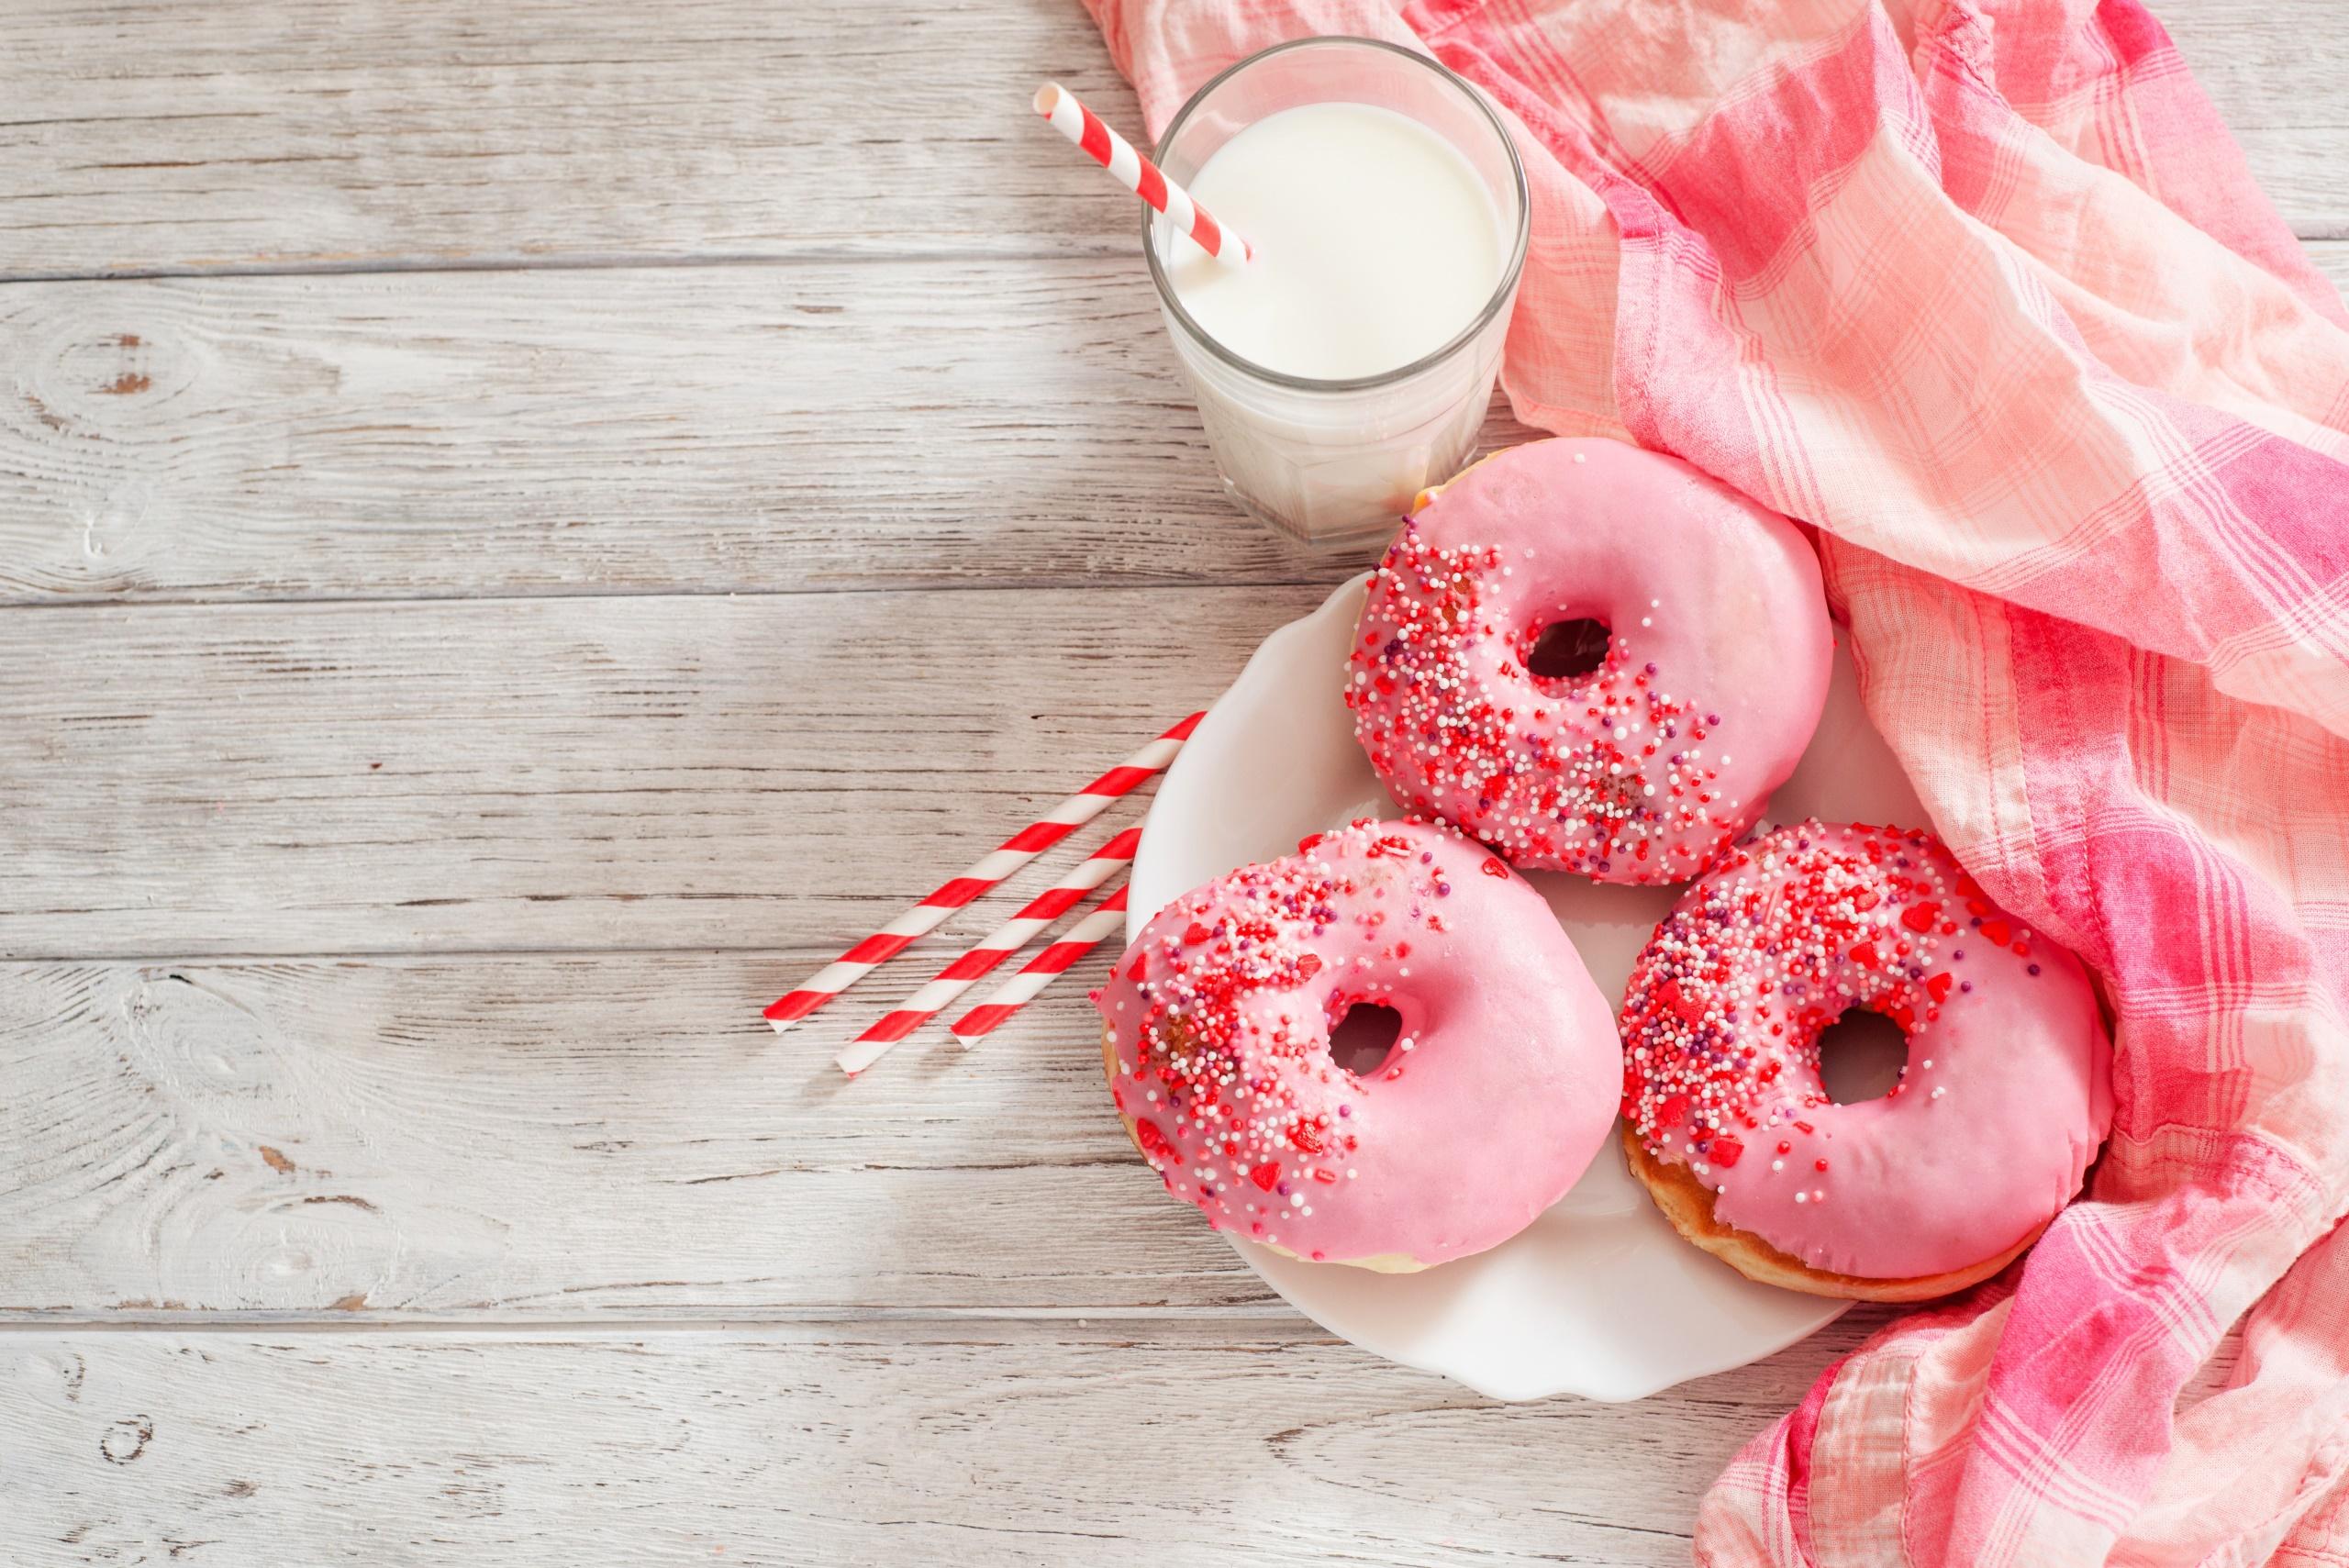 розовый картинки с едой гости для